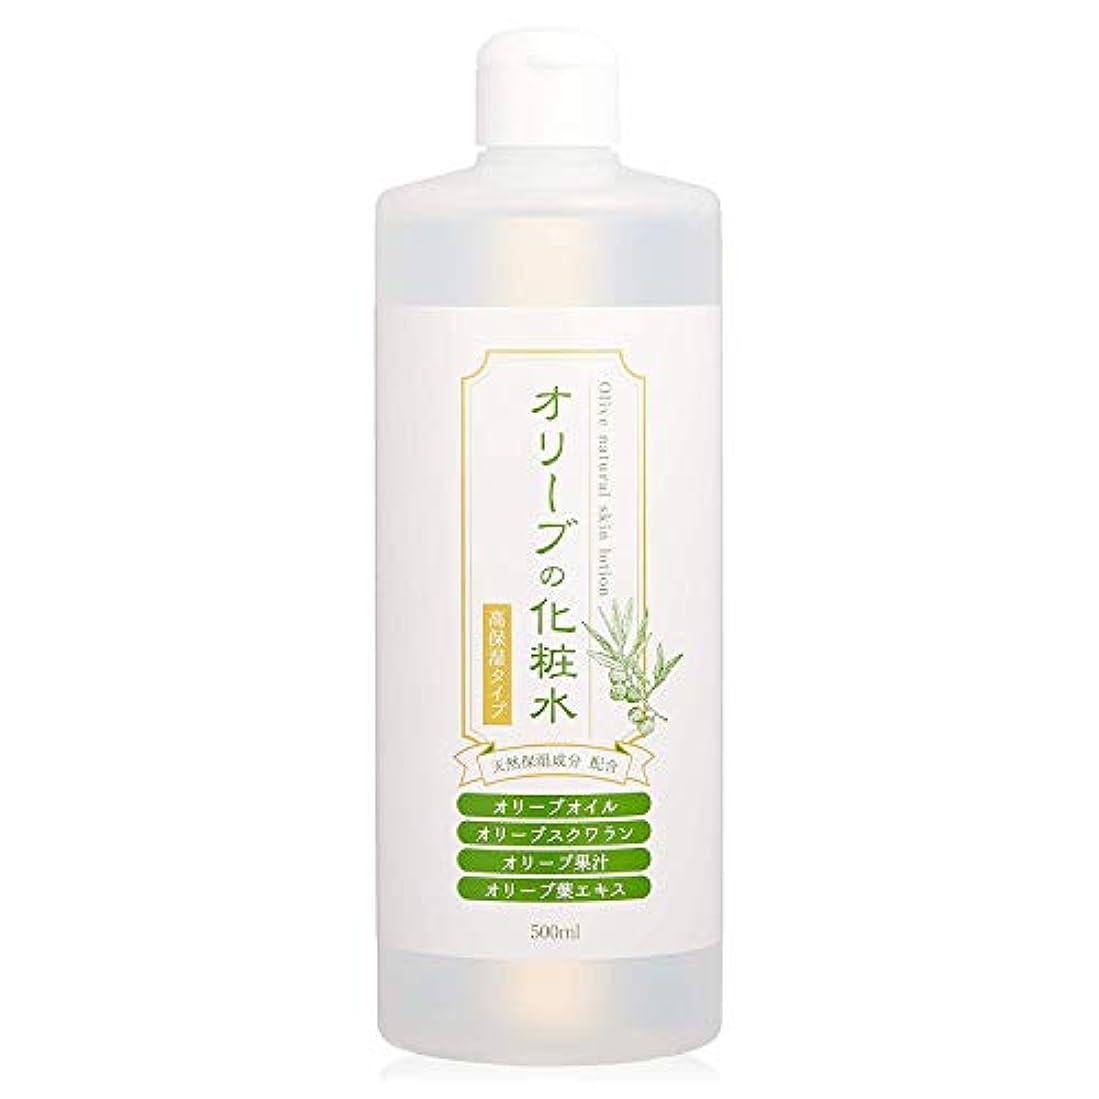 コントローラ召喚する機動日本オリーブ オリーブクリアローション 〈オリーブの化粧水〉 (500mL)